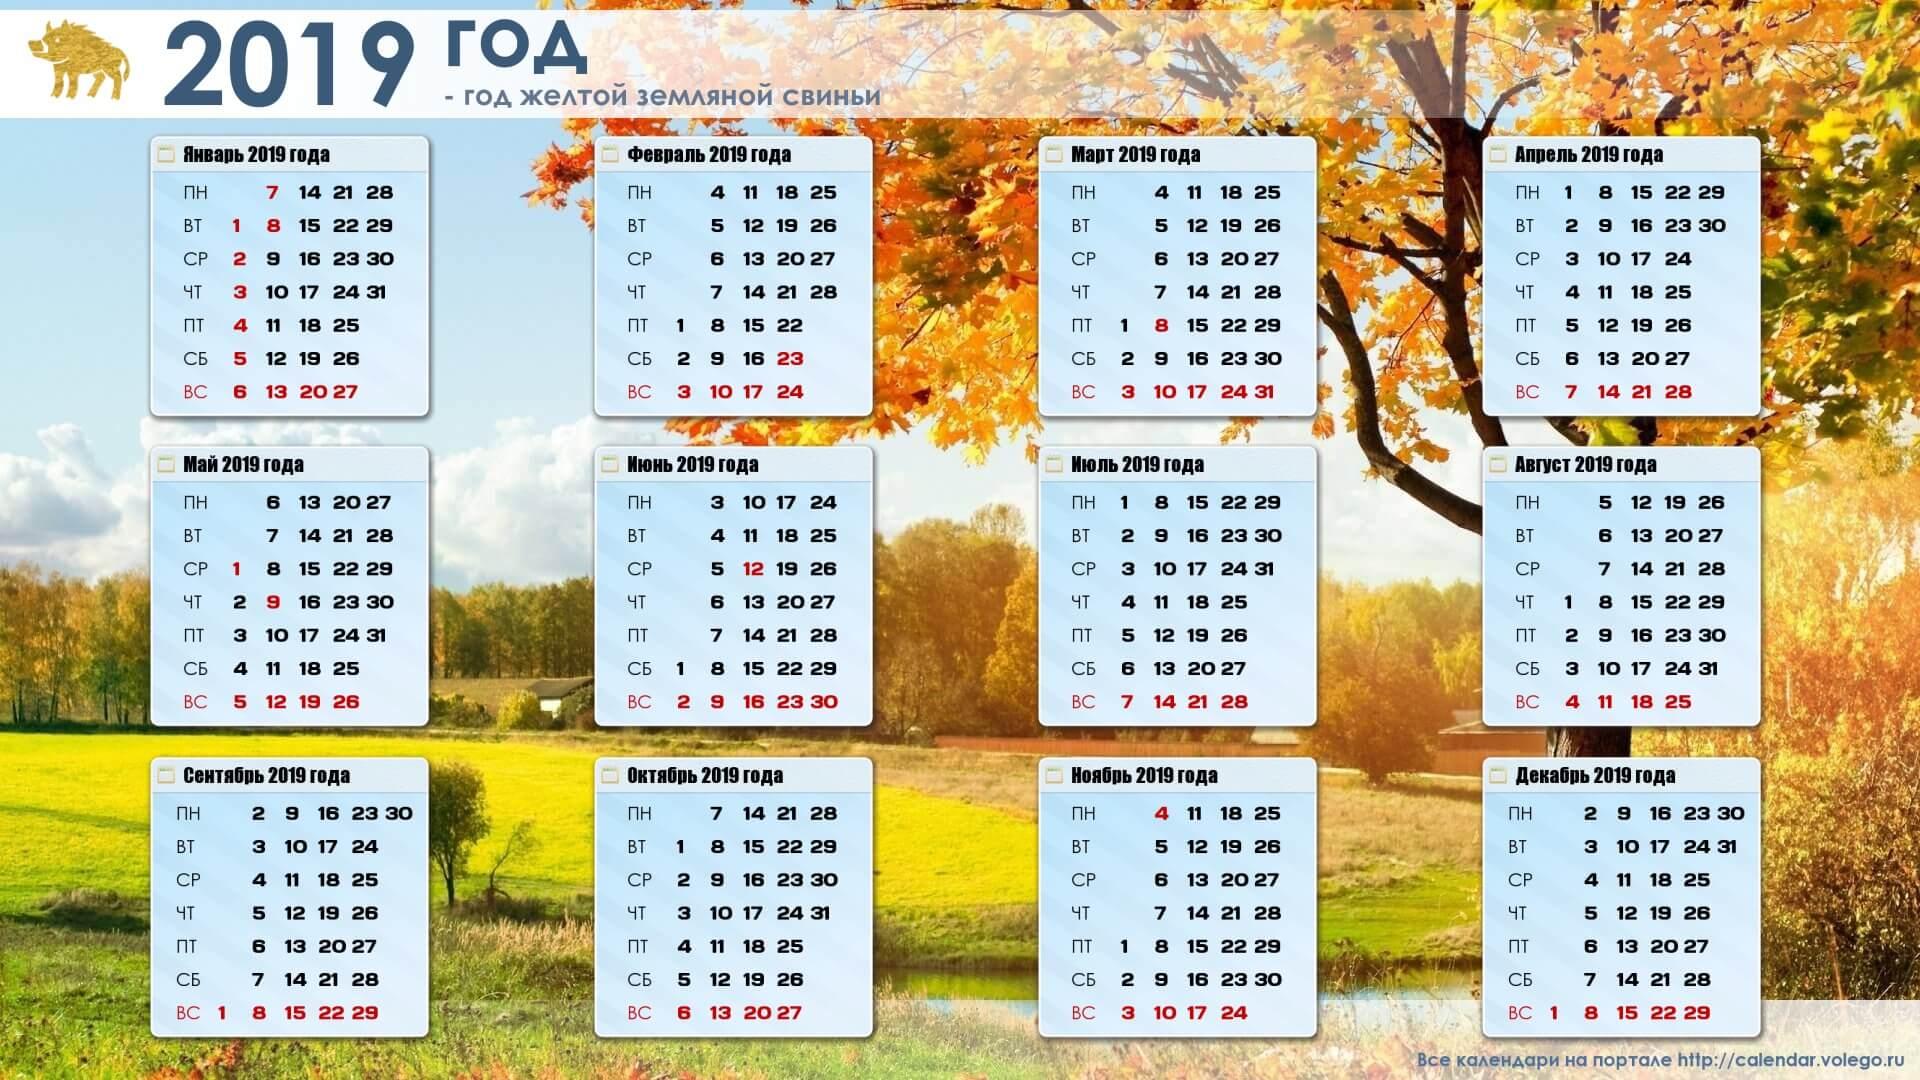 Красивые календари на 2019 год - отличная подборка 13